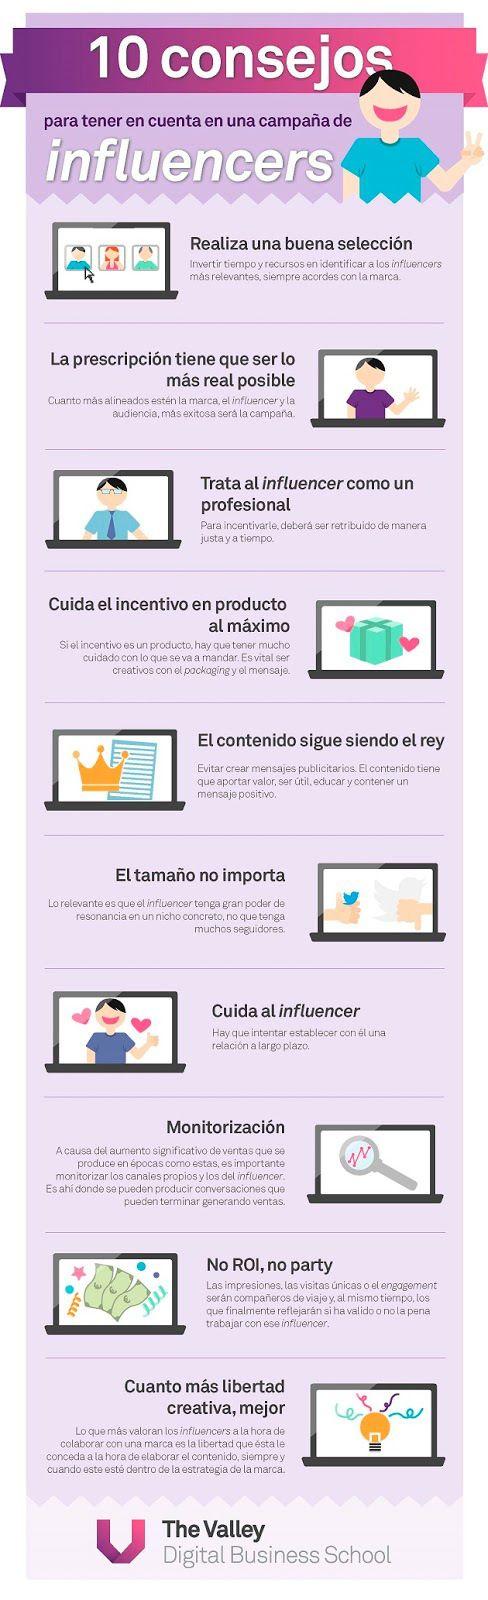 10 consejos para tu campañas con Influencers #infografia #infographic #marketing